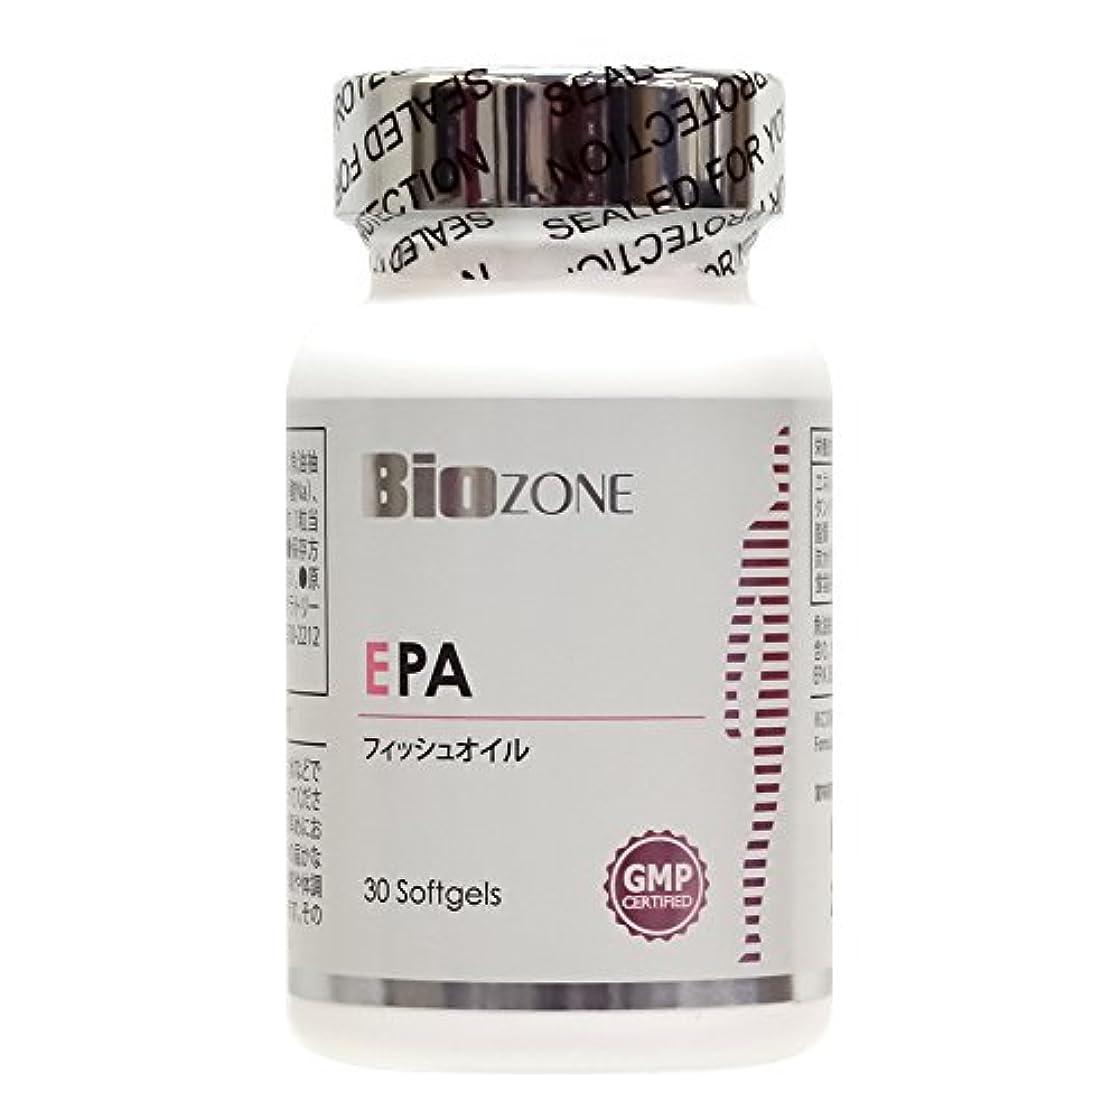 役に立たない絶対にスクリューダグラスラボラトリーズ バイオゾーン(BioZONE) サプリメント EPA 30粒 30日分